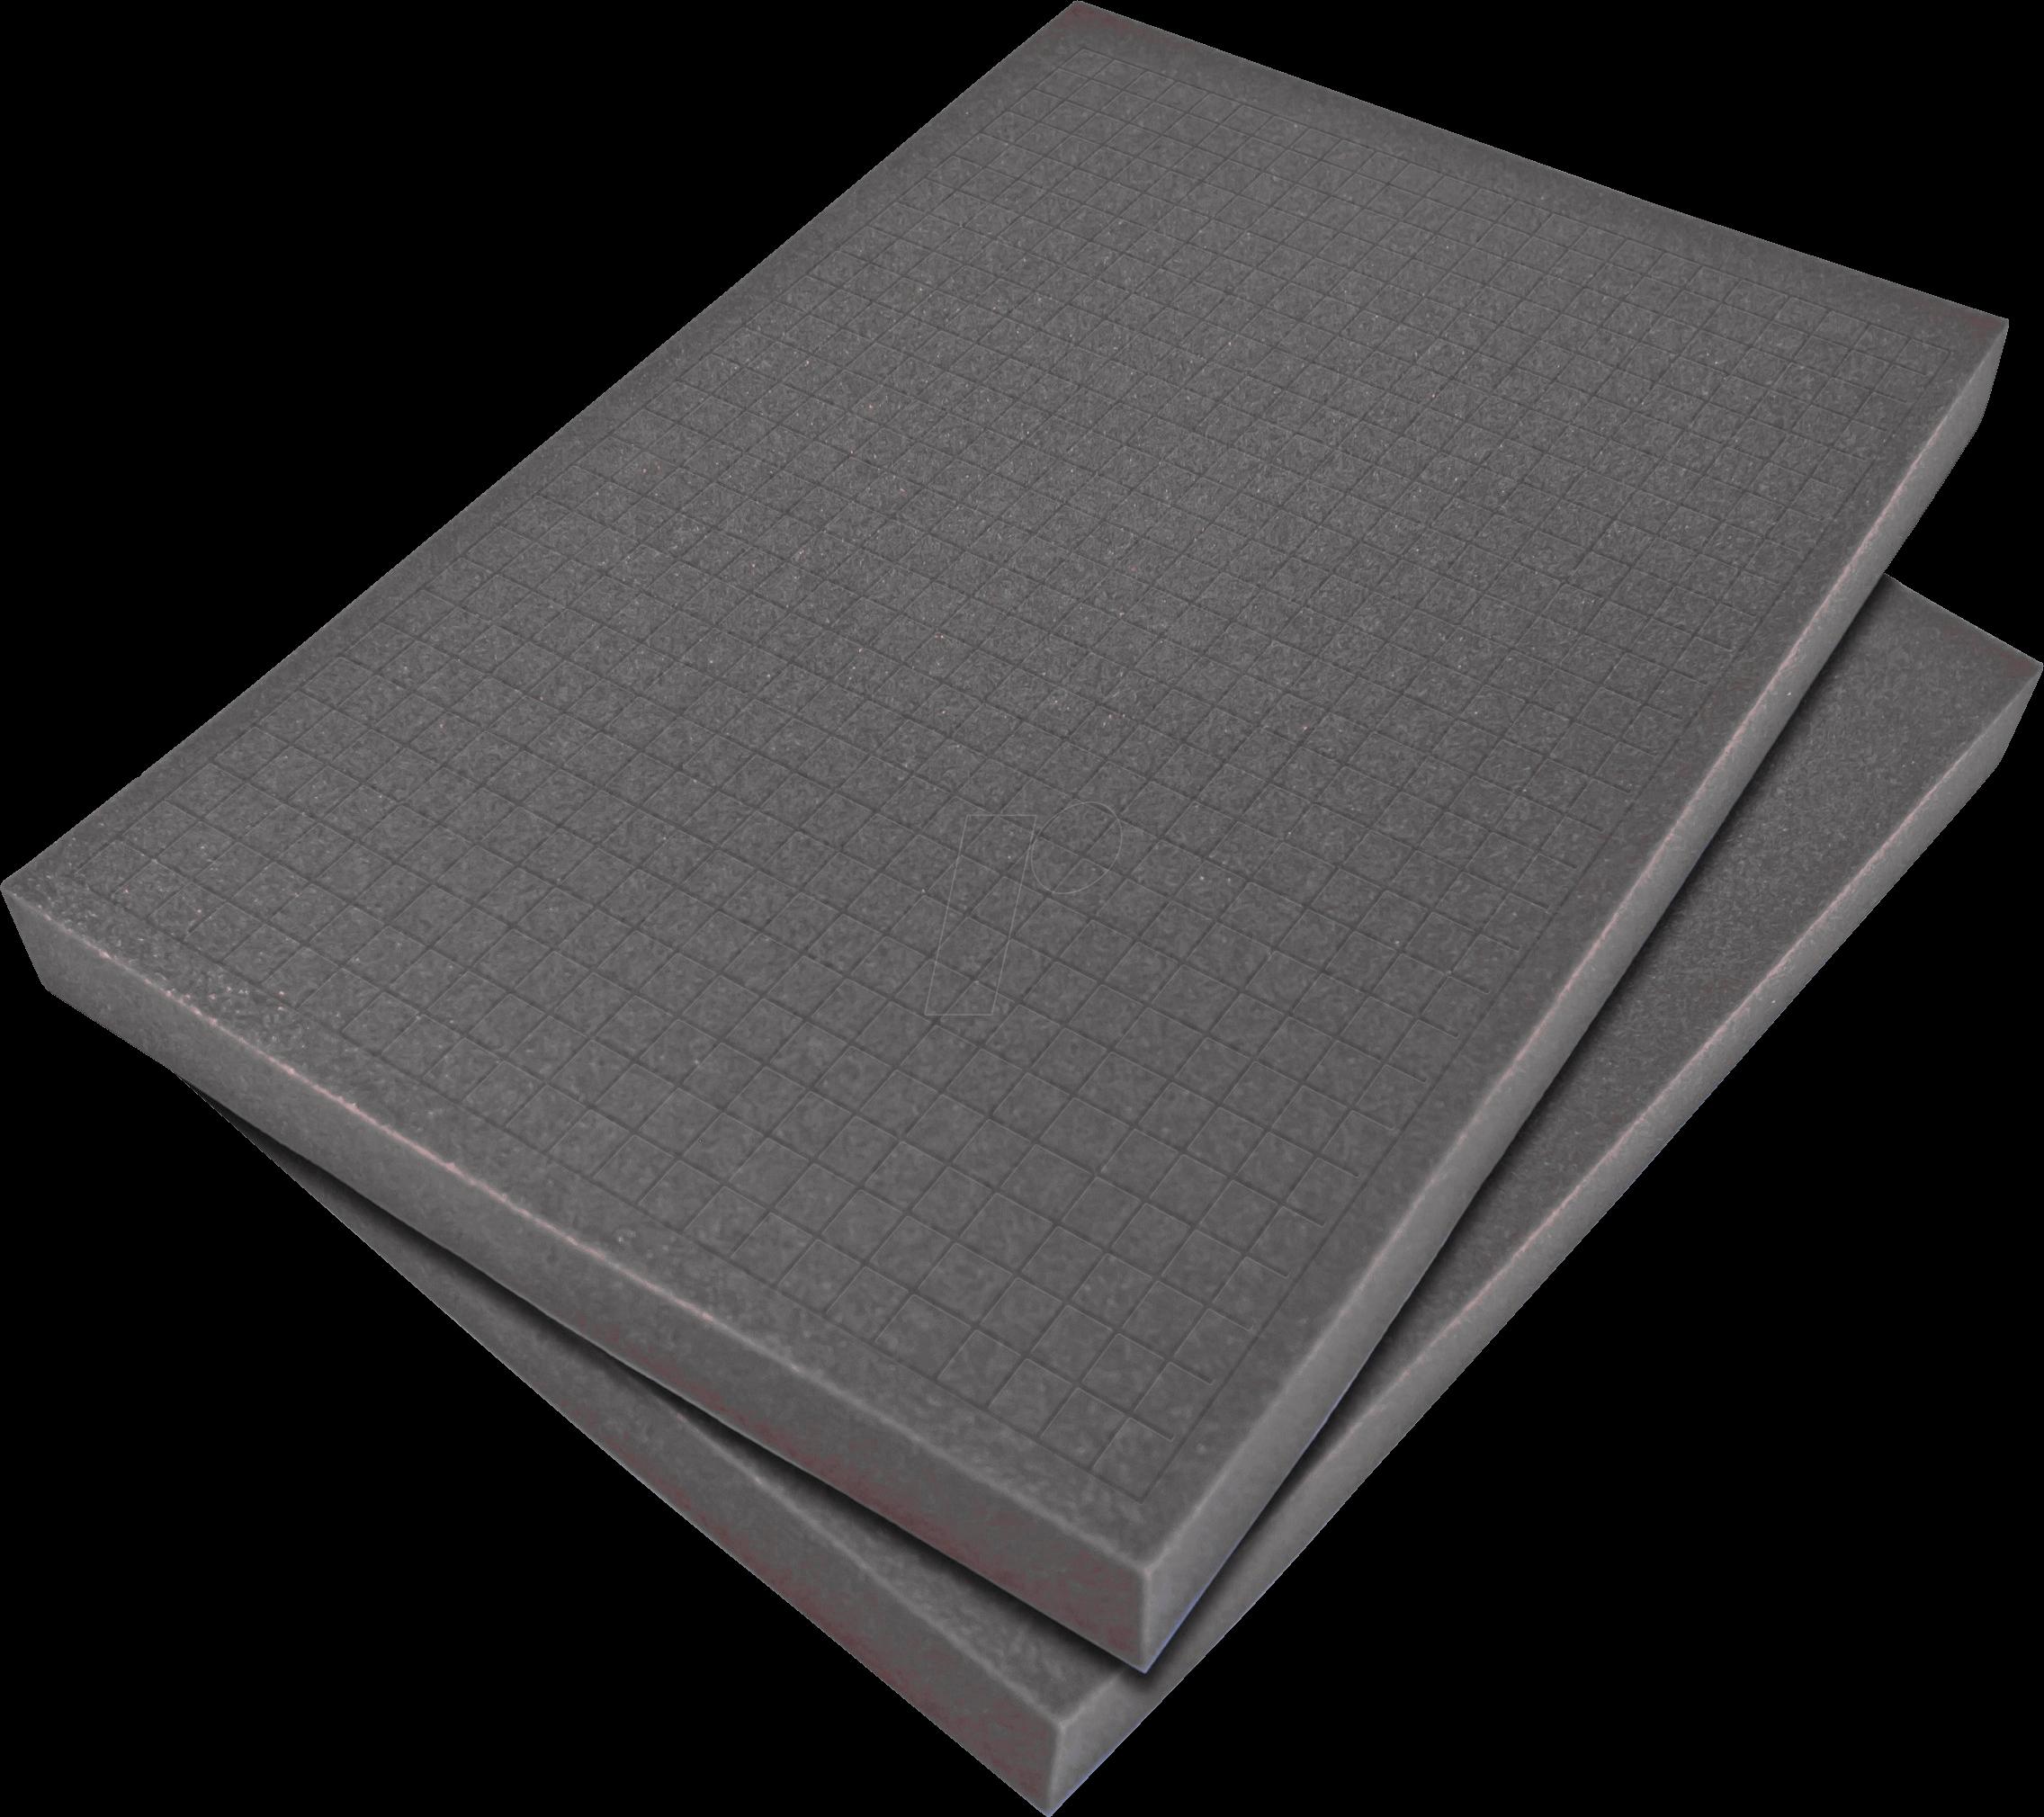 PEAKTECH 7310 S - Würfelschaumeinlage für PeakTech 7310, 440 x 315 x 30 mm